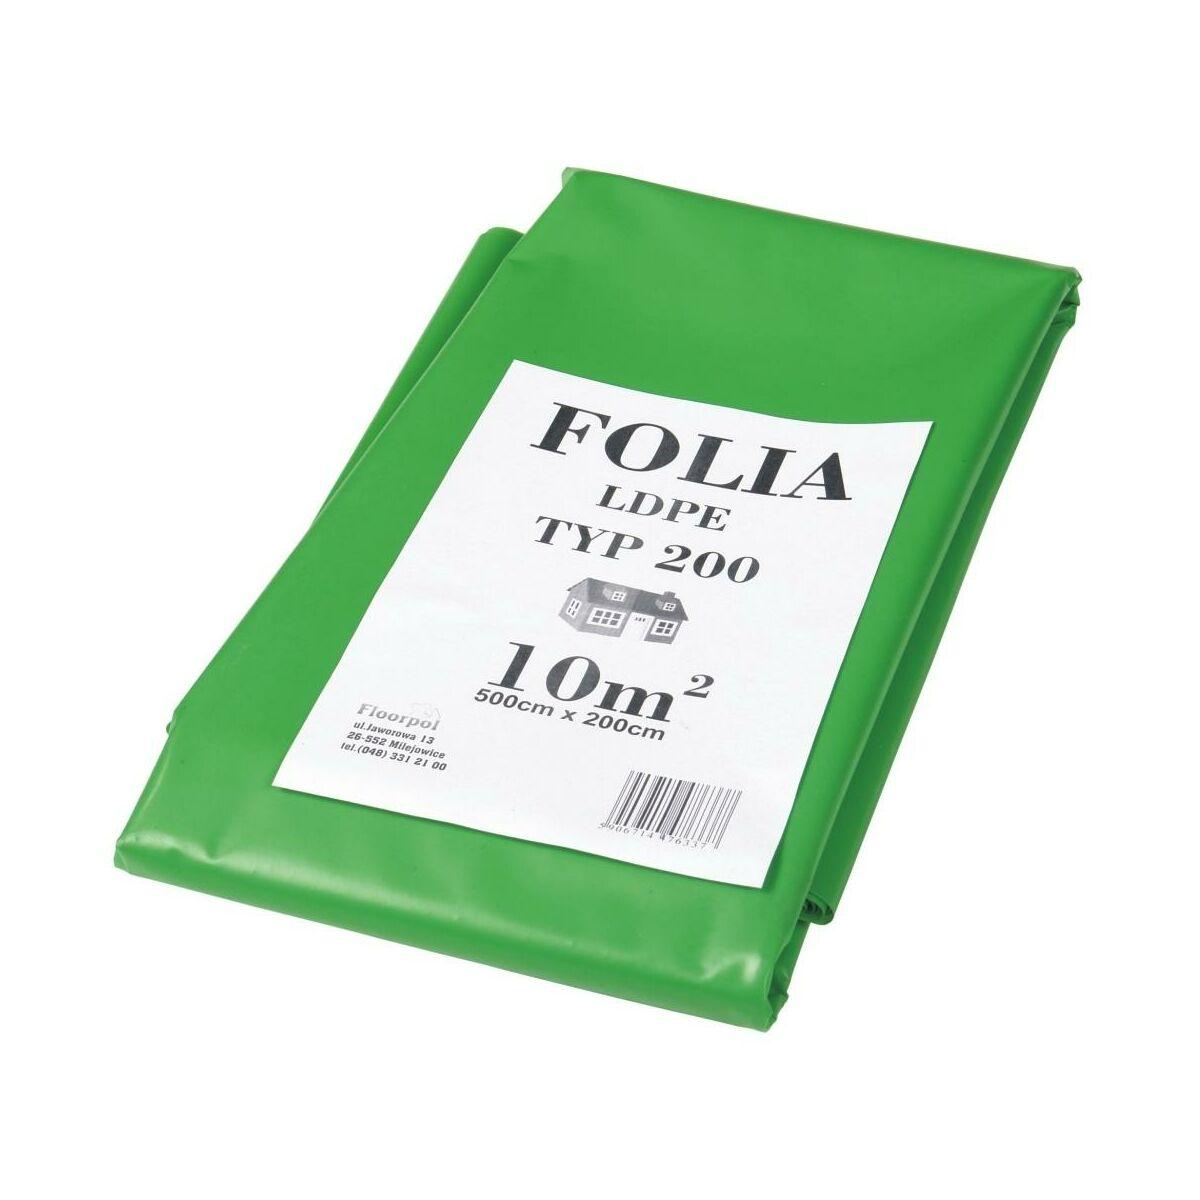 Folia Paroizolacyjna Do Podkladow Typ 200 0 2 Mm Floorpol Akcesoria Montazowe Do Podlog W Atrakcyjnej Cenie W Sklepach Leroy Merlin